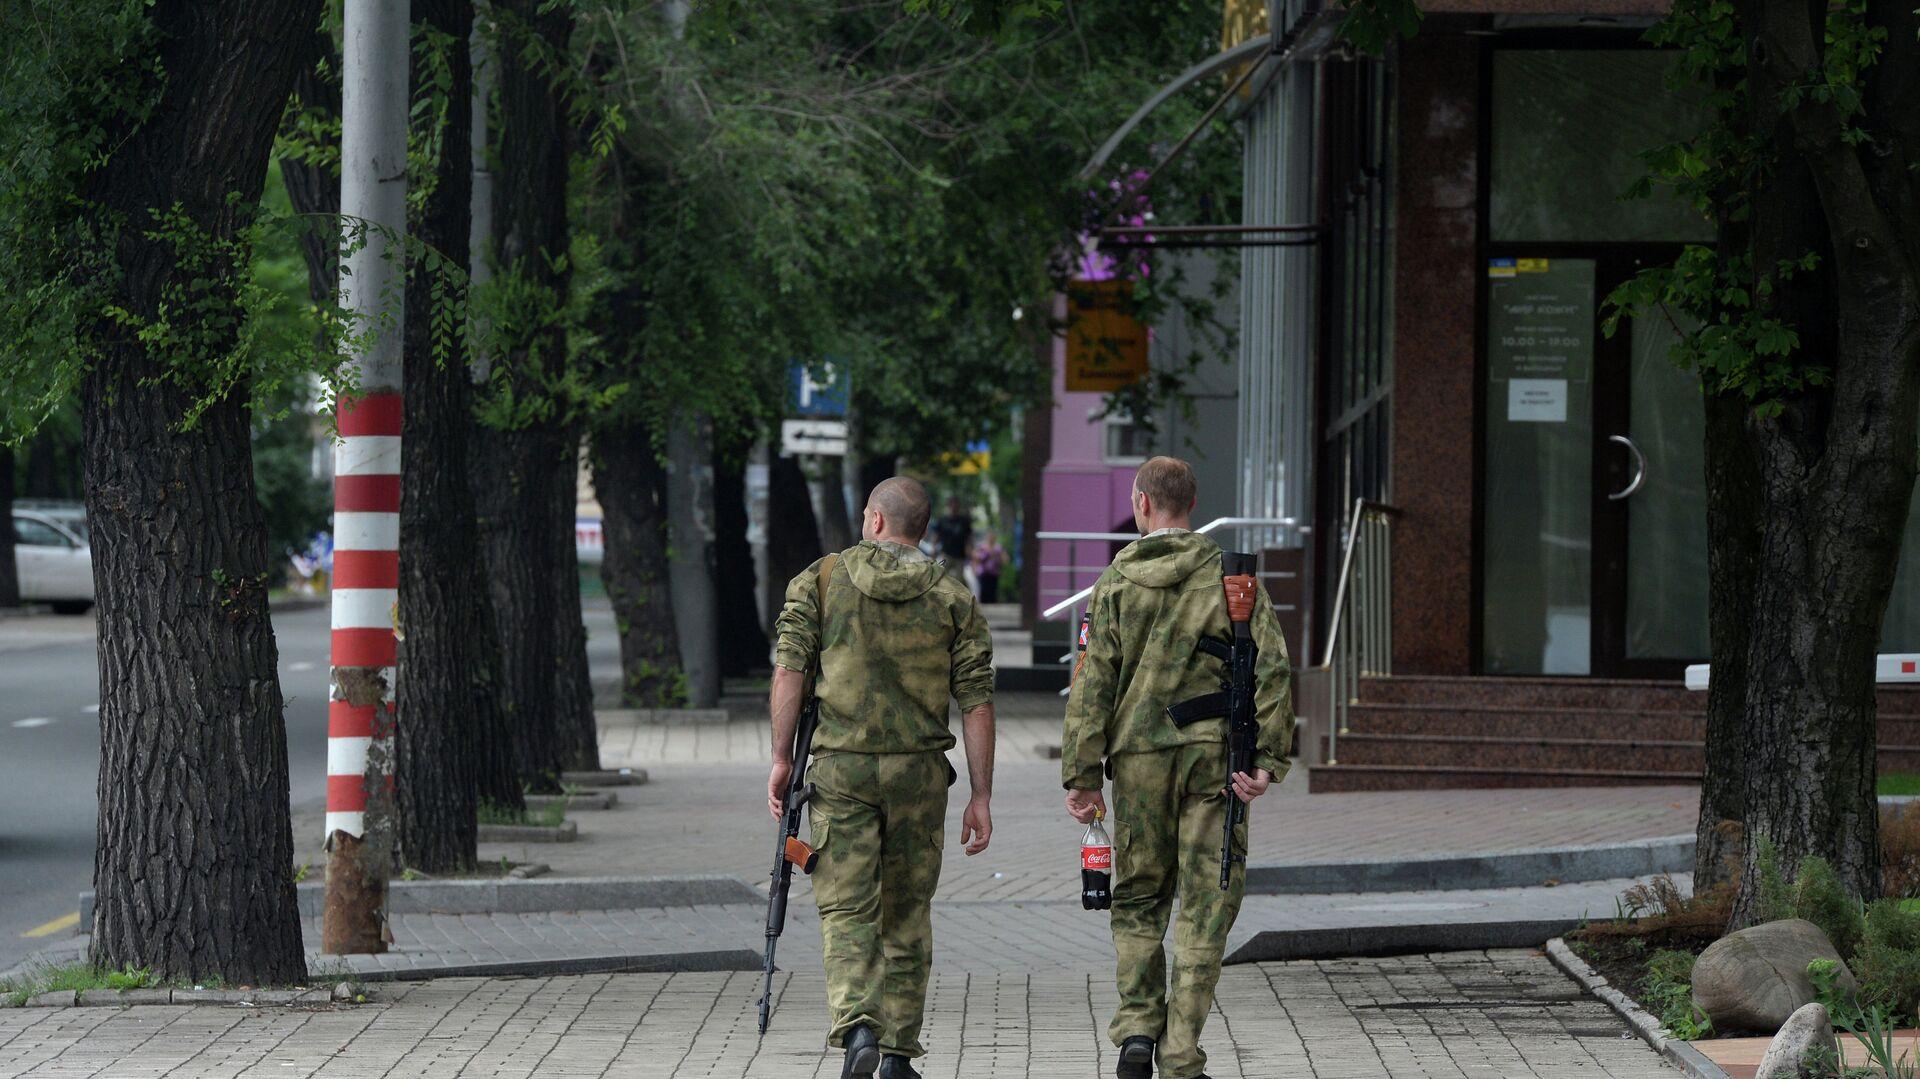 Ополченцы Донбасса на одной из улиц города Донецка - РИА Новости, 1920, 05.11.2020